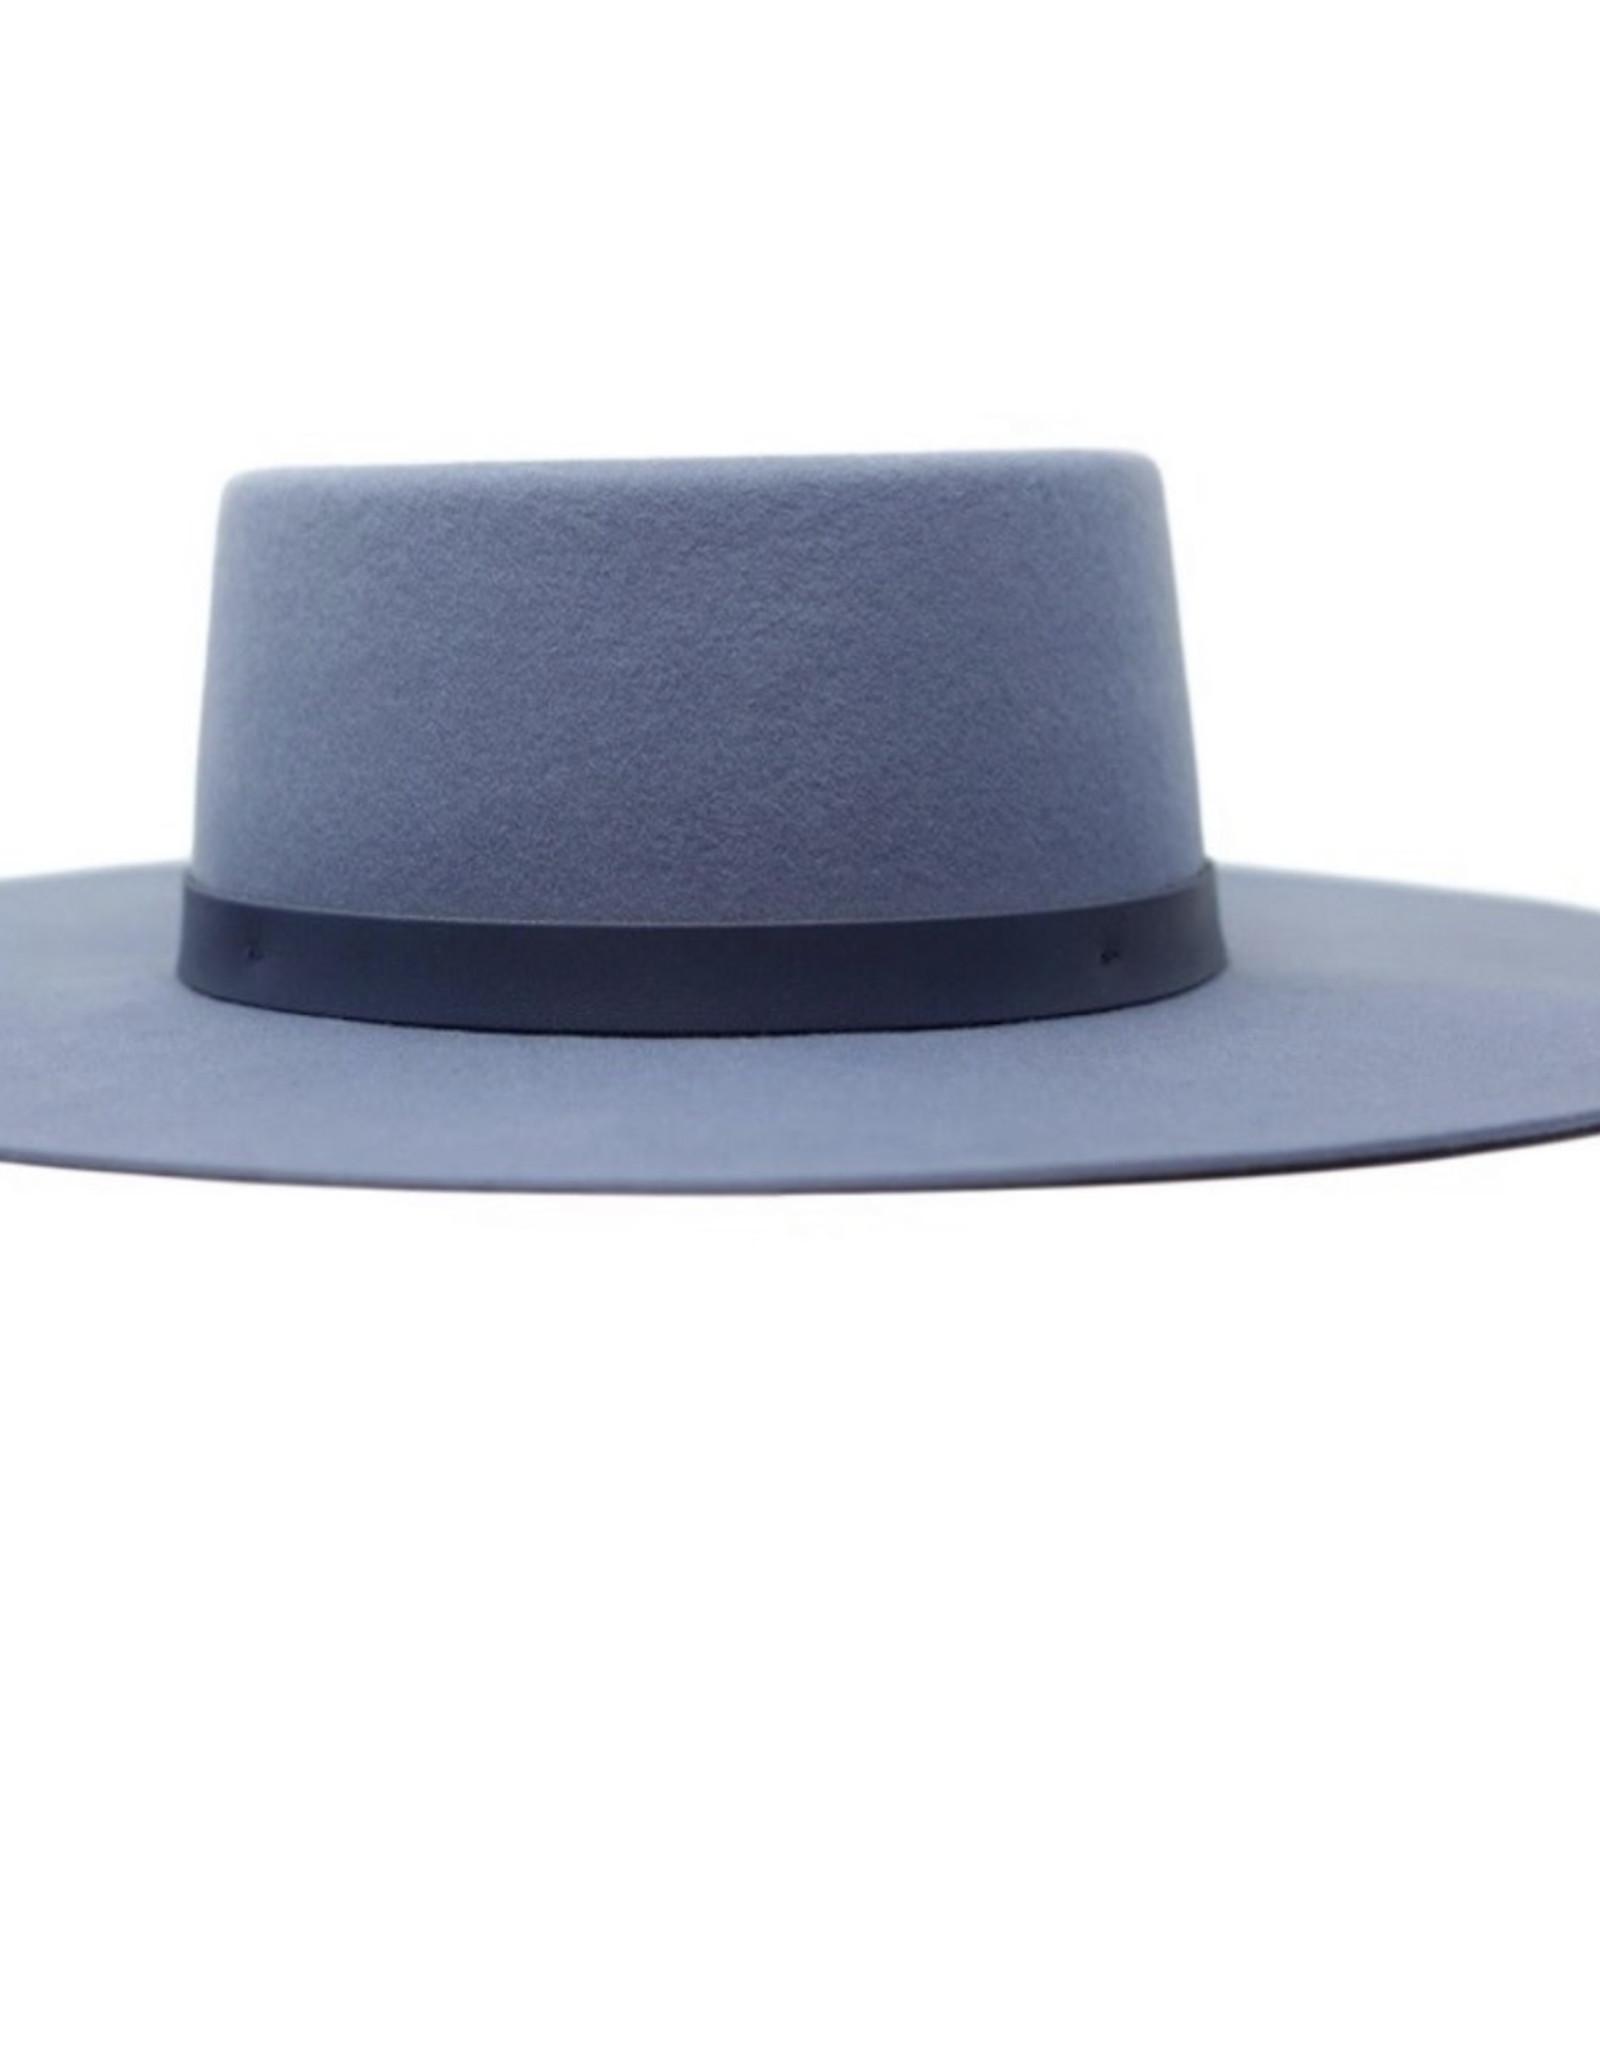 Olive & Pique Powder Blue Boater Hat